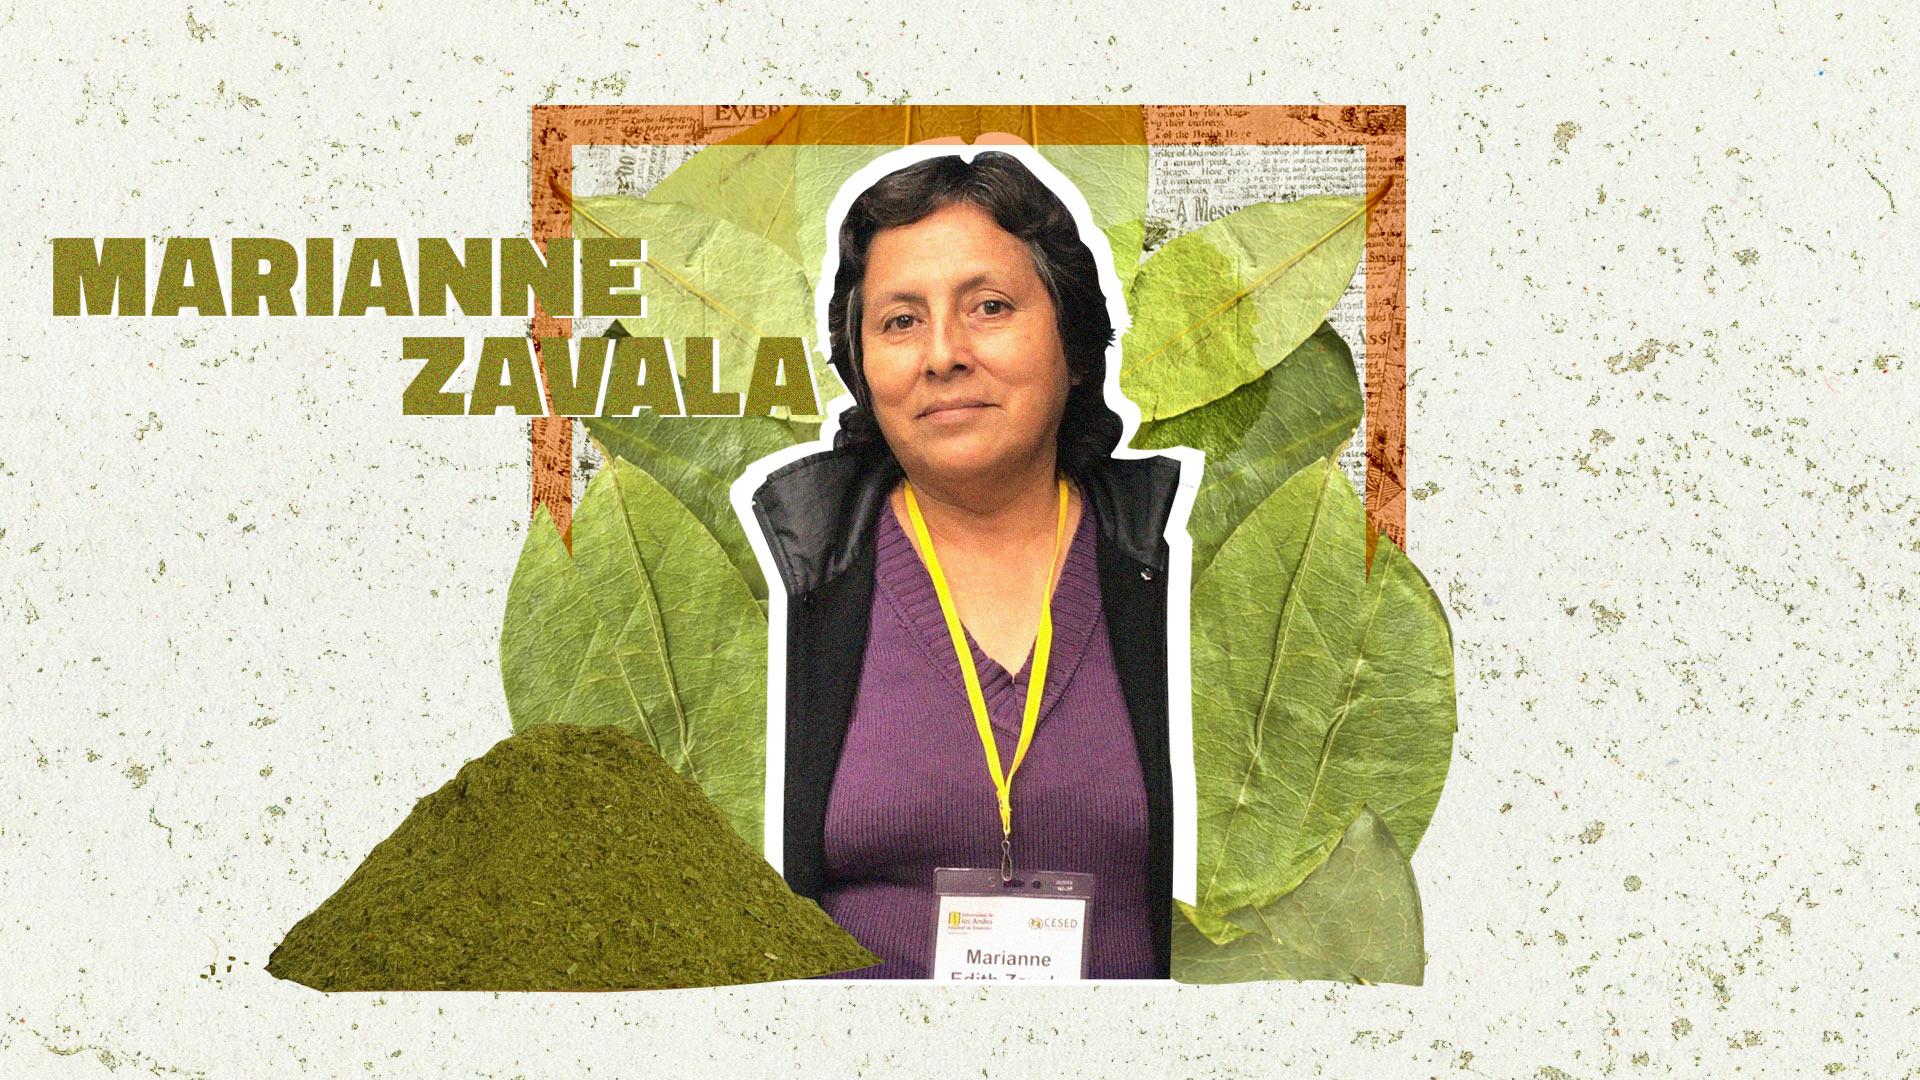 Esta es la lucha contra el narcotráfico de Maranne Zavala, líder cultivadora de coca